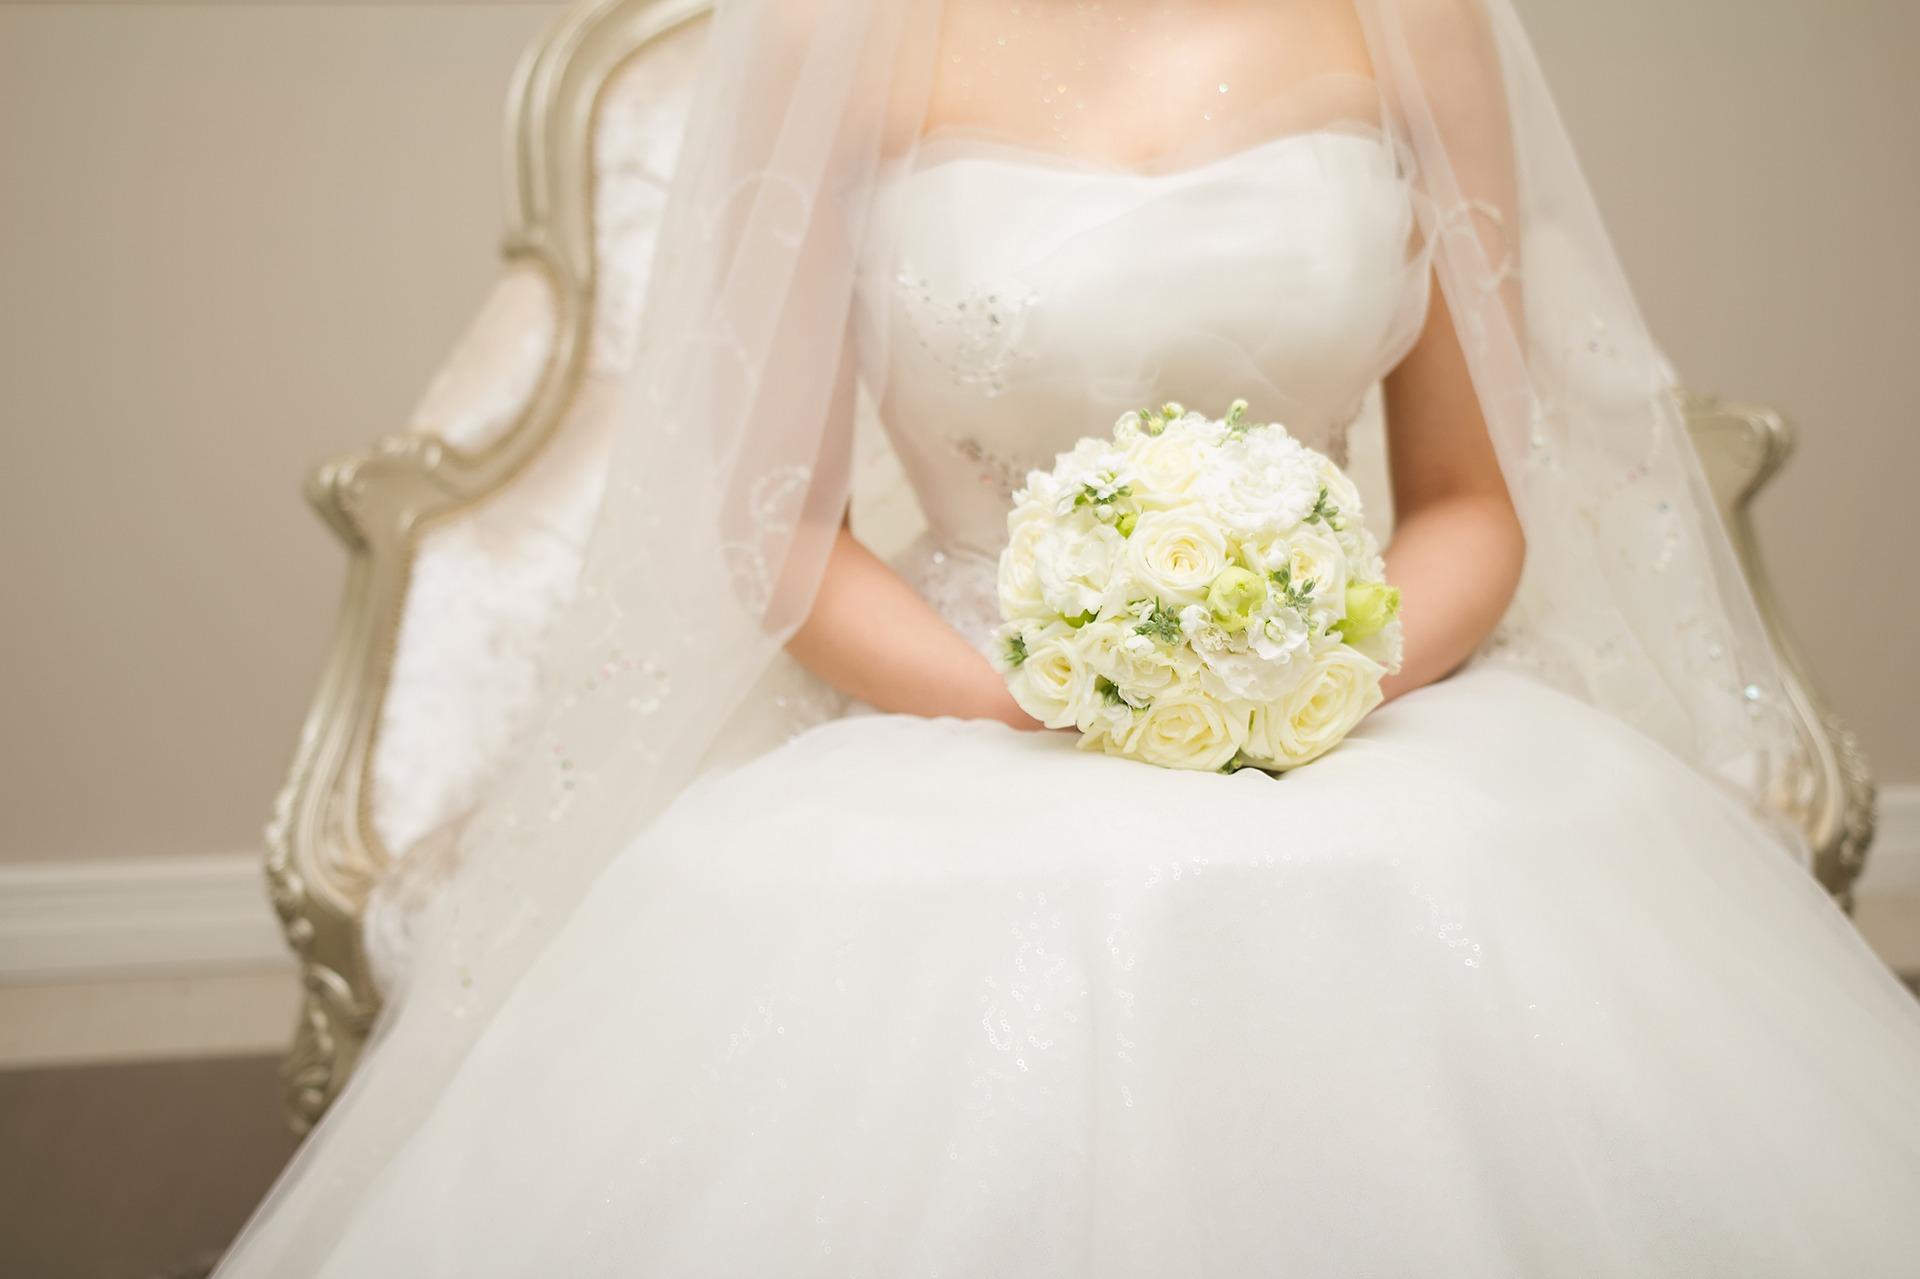 結婚式までに痩せたい!花嫁におすすめなダイエット方法